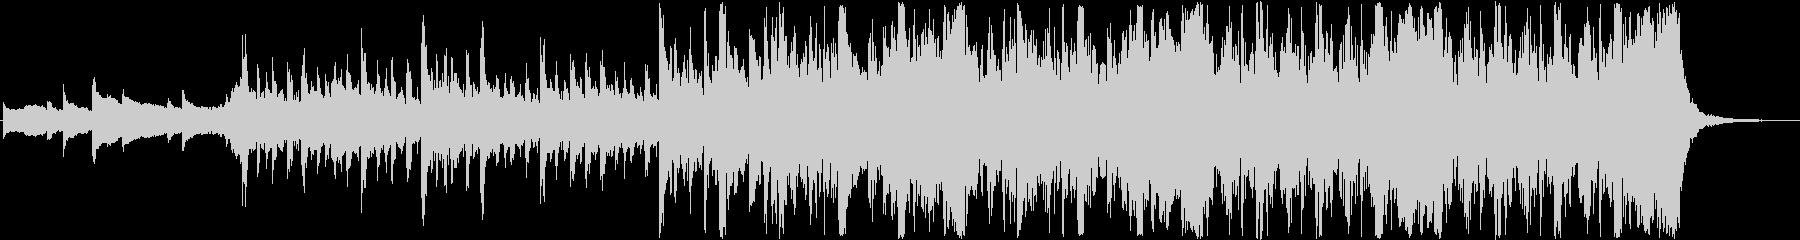 現代的 交響曲 エレクトロ プログ...の未再生の波形